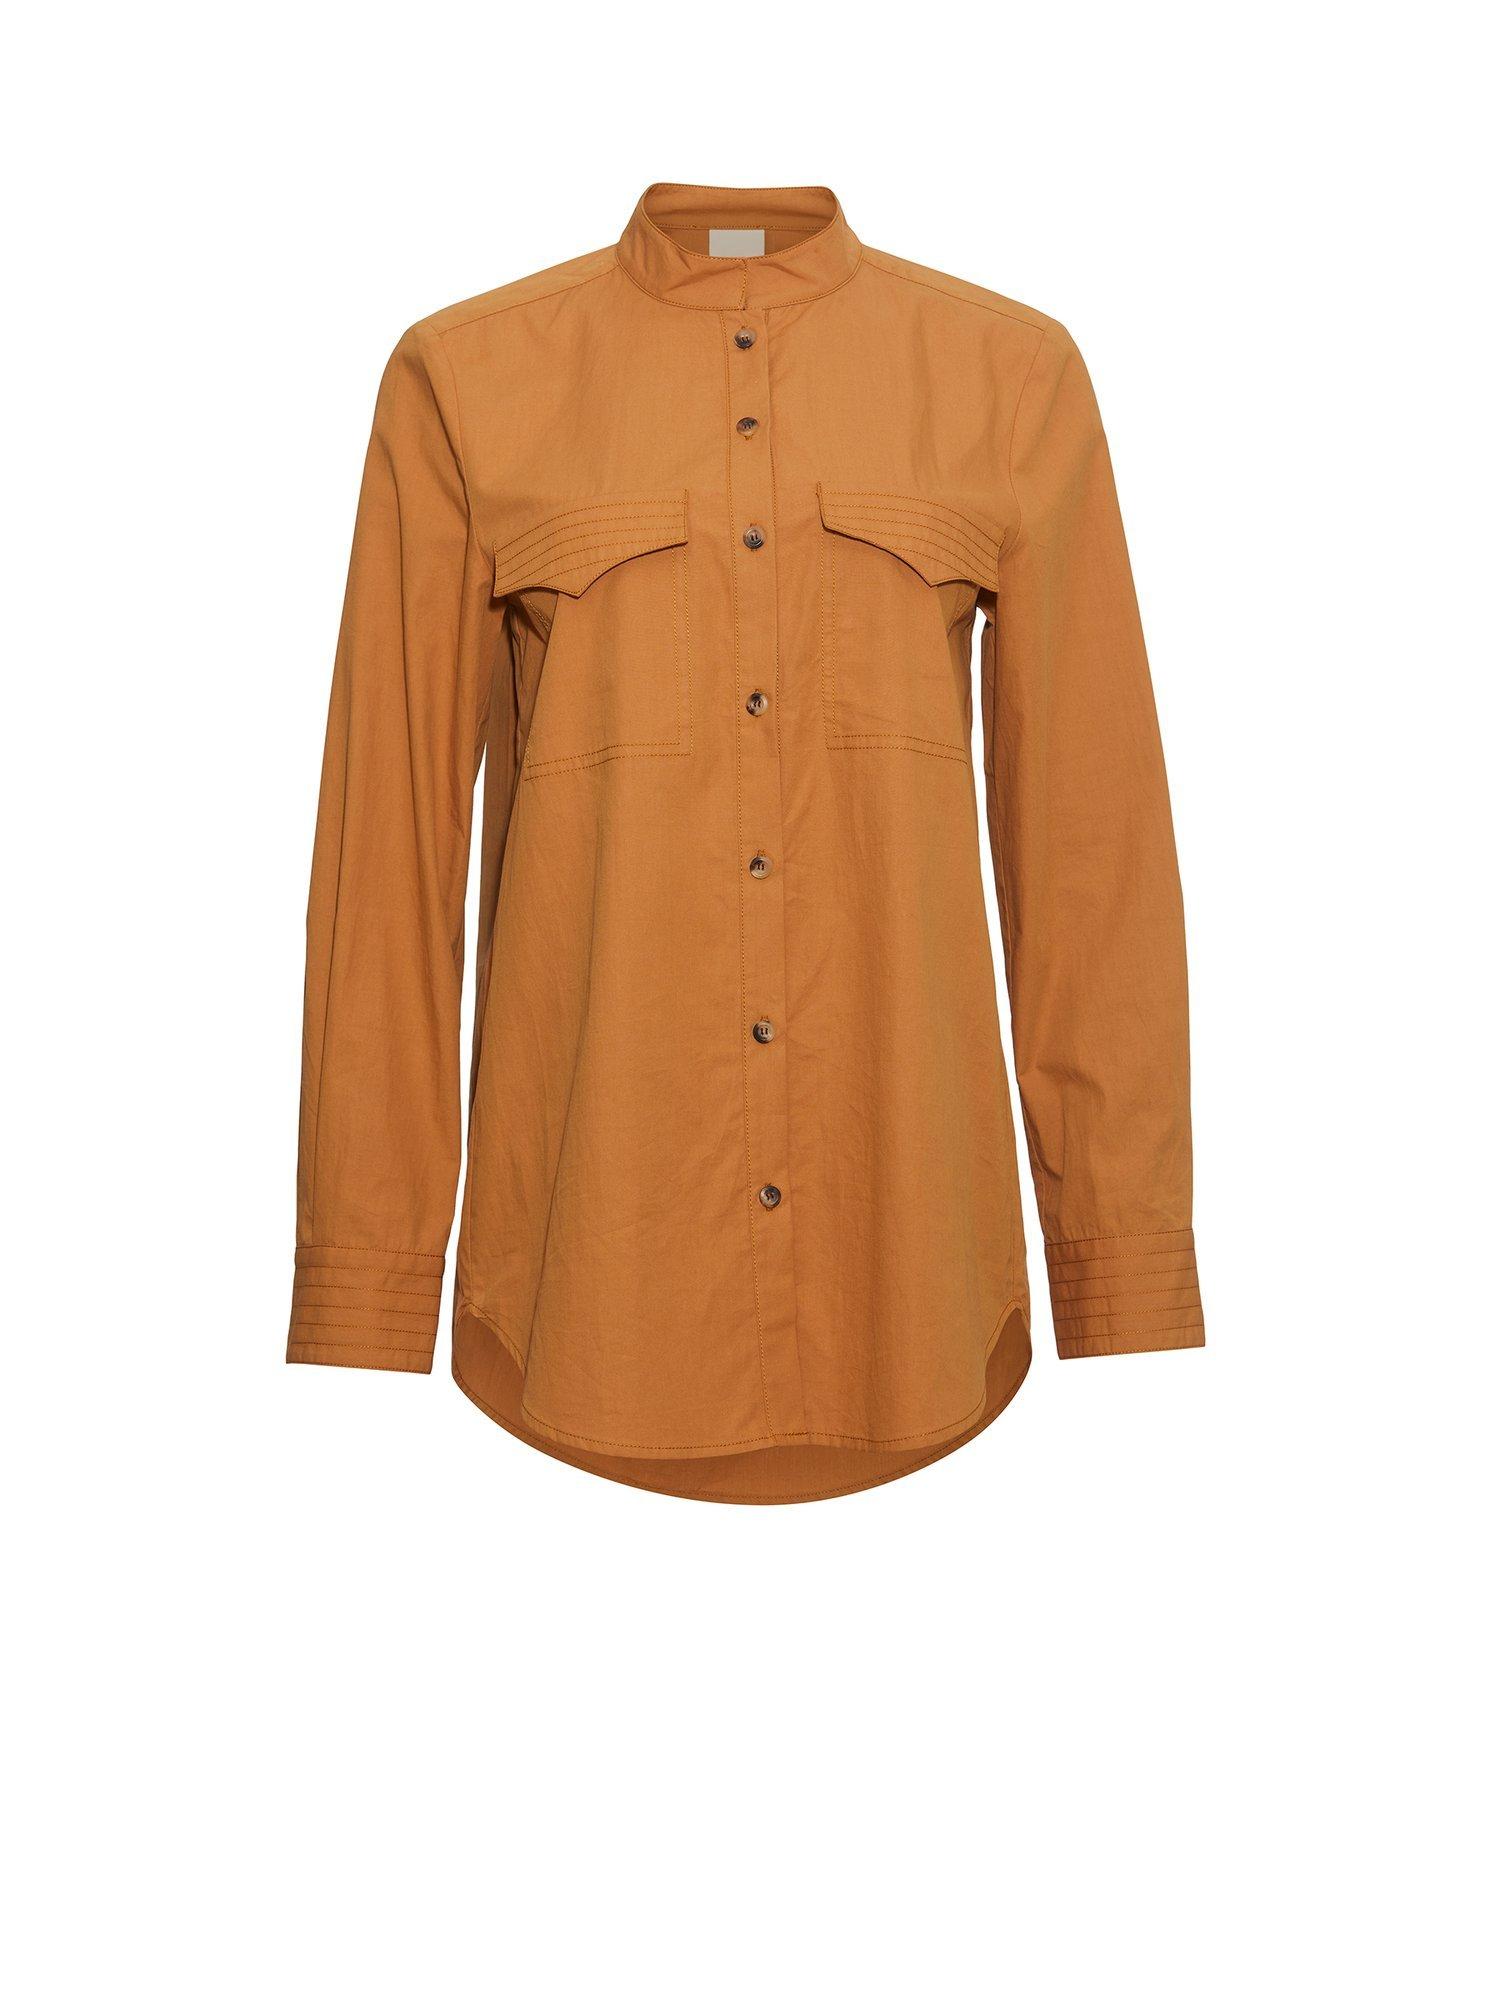 Heartmade/Julie Fagerholt Malia Shirt Camel 197